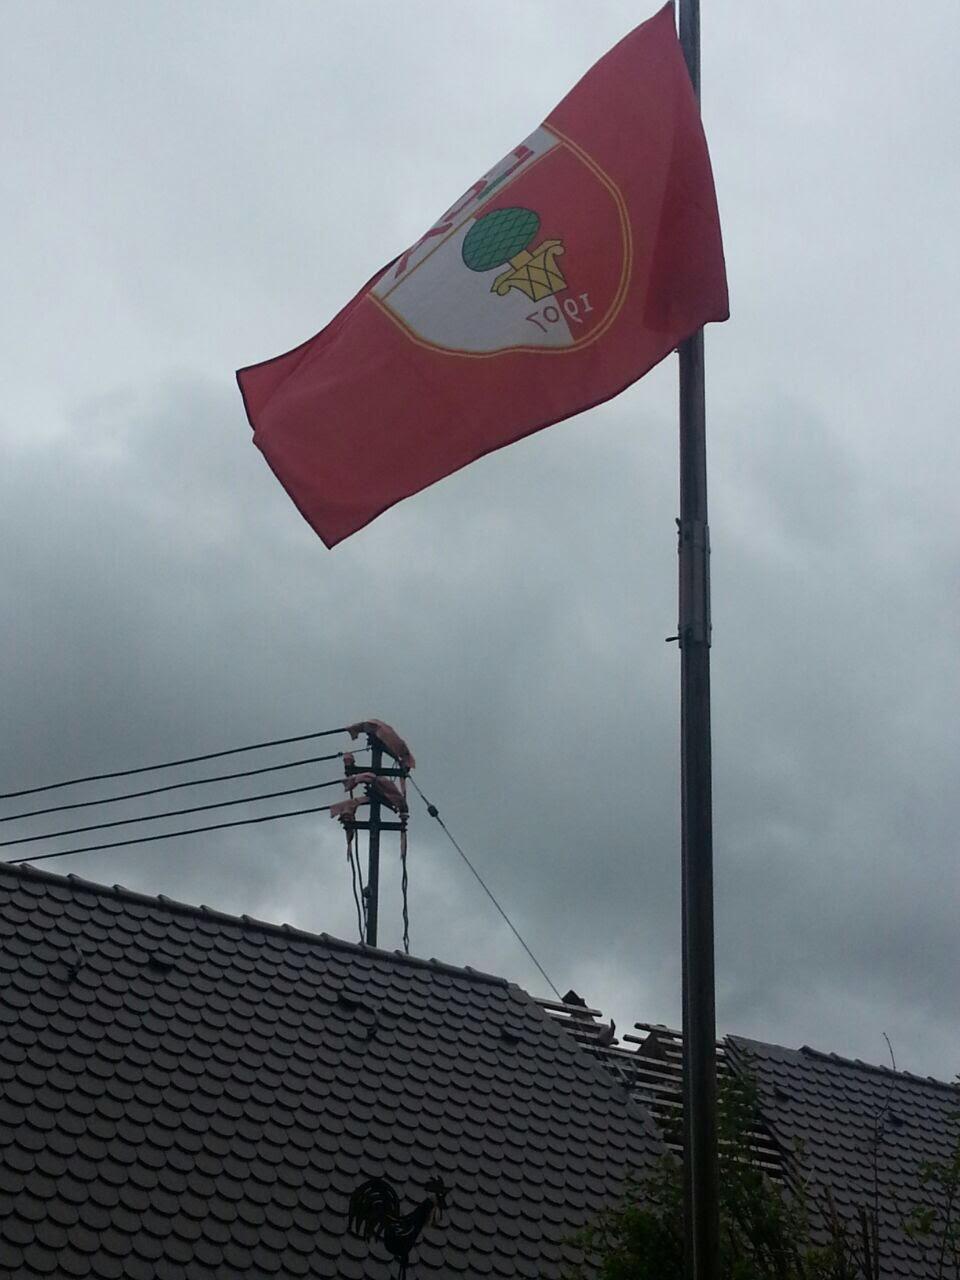 Ob die dunklen Wolken über dem aufgerissenen Dach des FCA wohl weiterziehen? Ein Bild mit Symbolcharakter! Foto: (c) Siegfried Zagler sen.